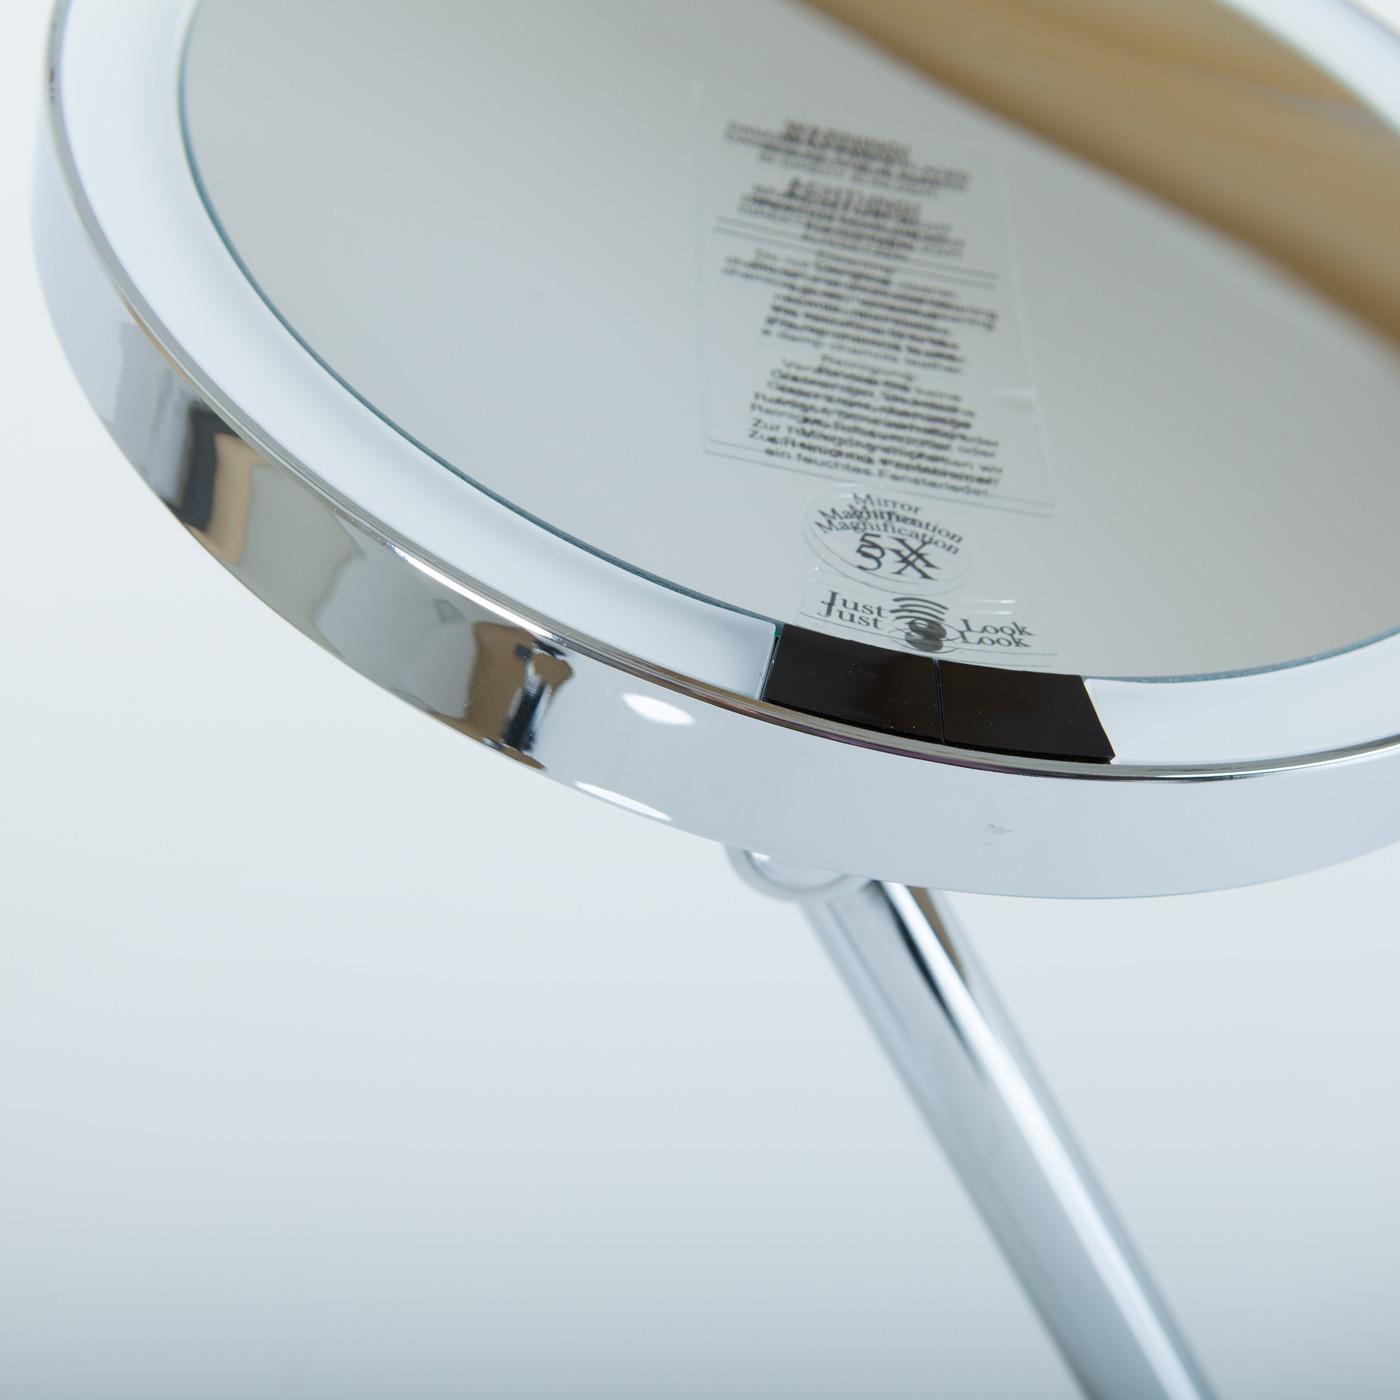 f/ür Direktanschluss mit Sensor JUST Look WD, Decor Walther LED Wandkosmetikspiegel 5X Chrom